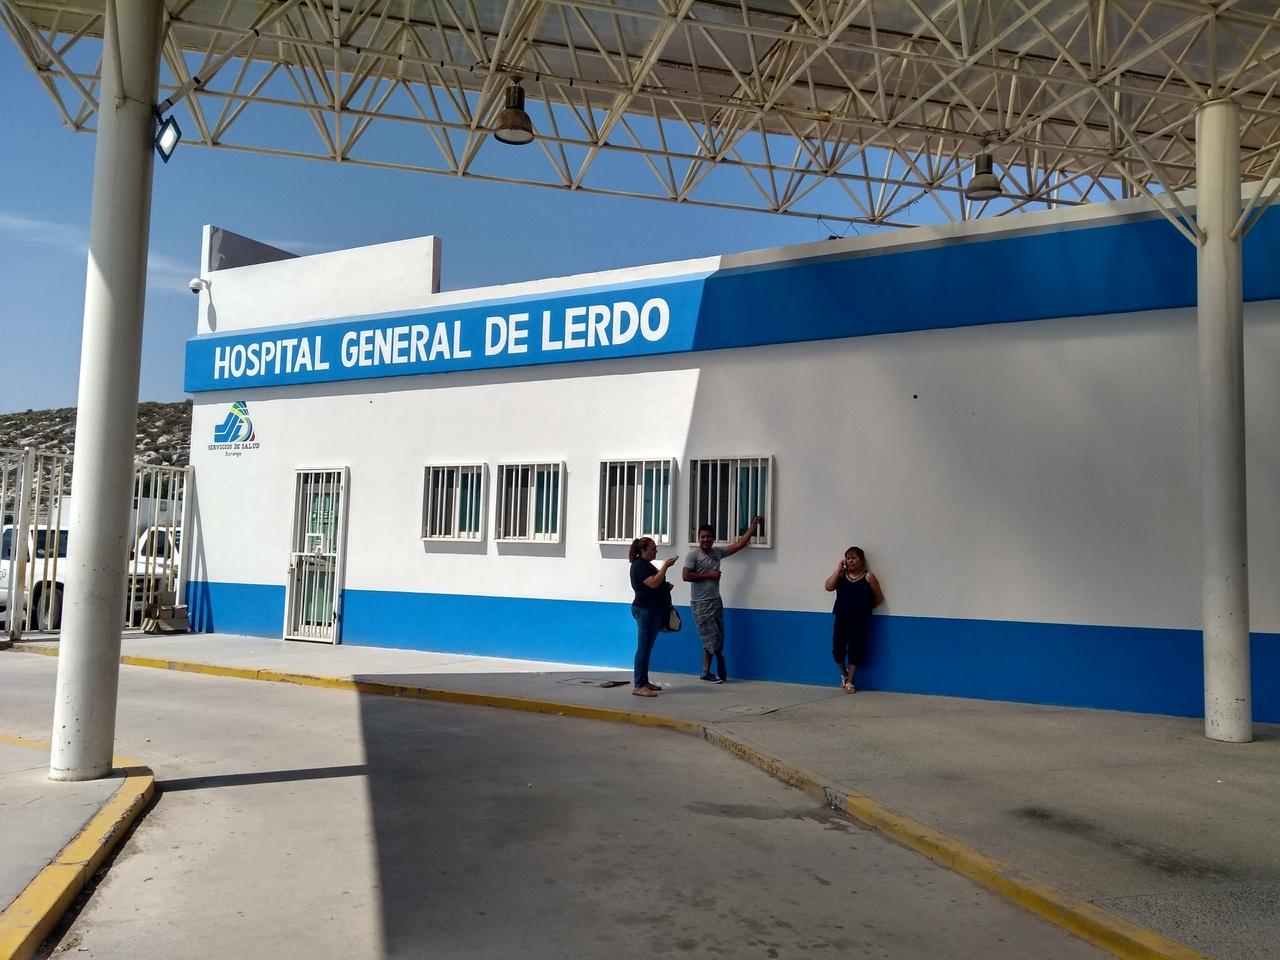 Avanzan trámites para el nuevo hospital en Lerdo